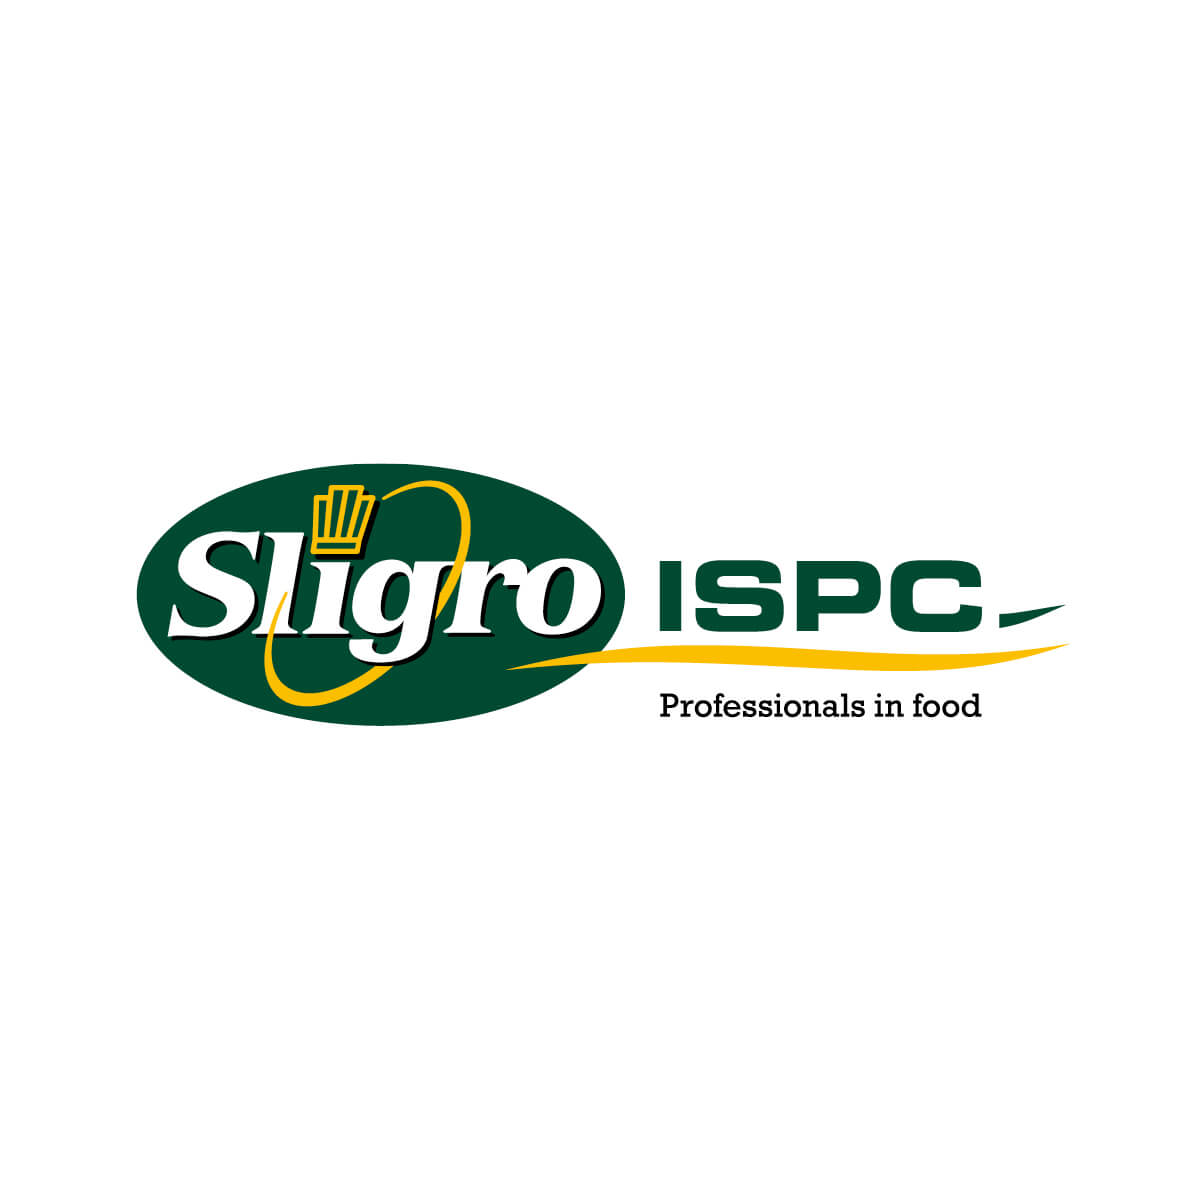 Sligro-ISPC